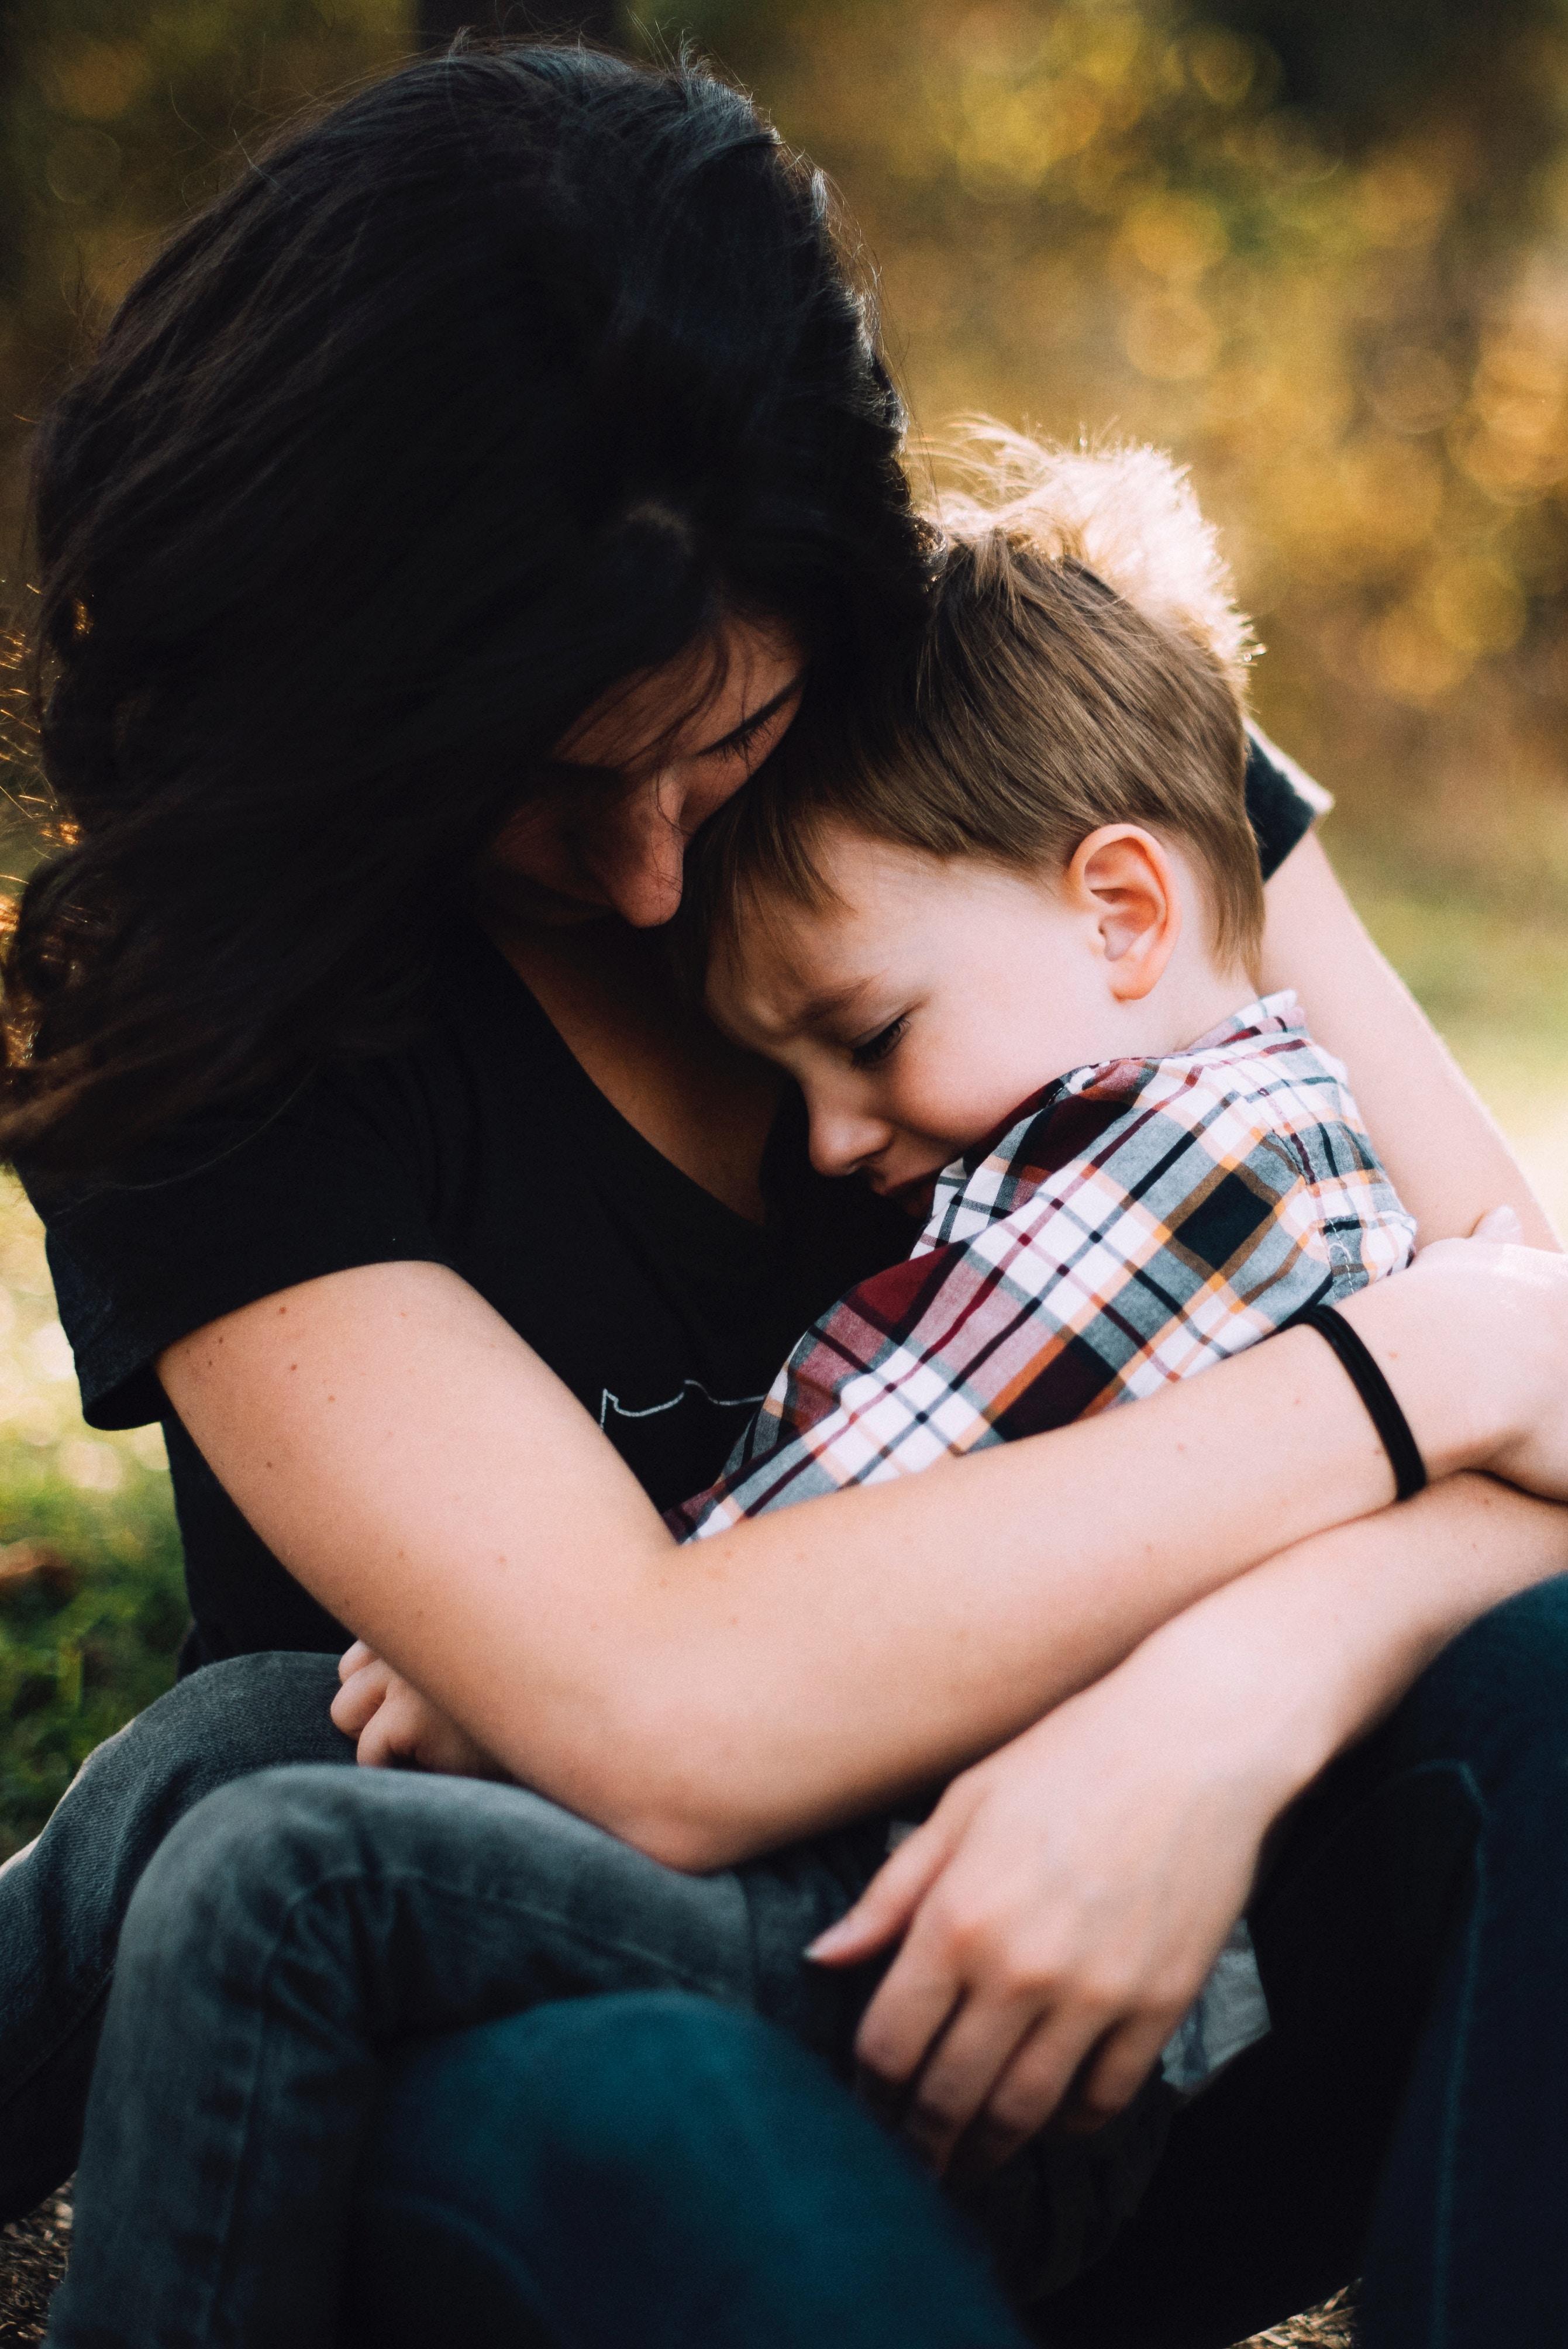 Dicas para minimizar a angústia de separação no bebé